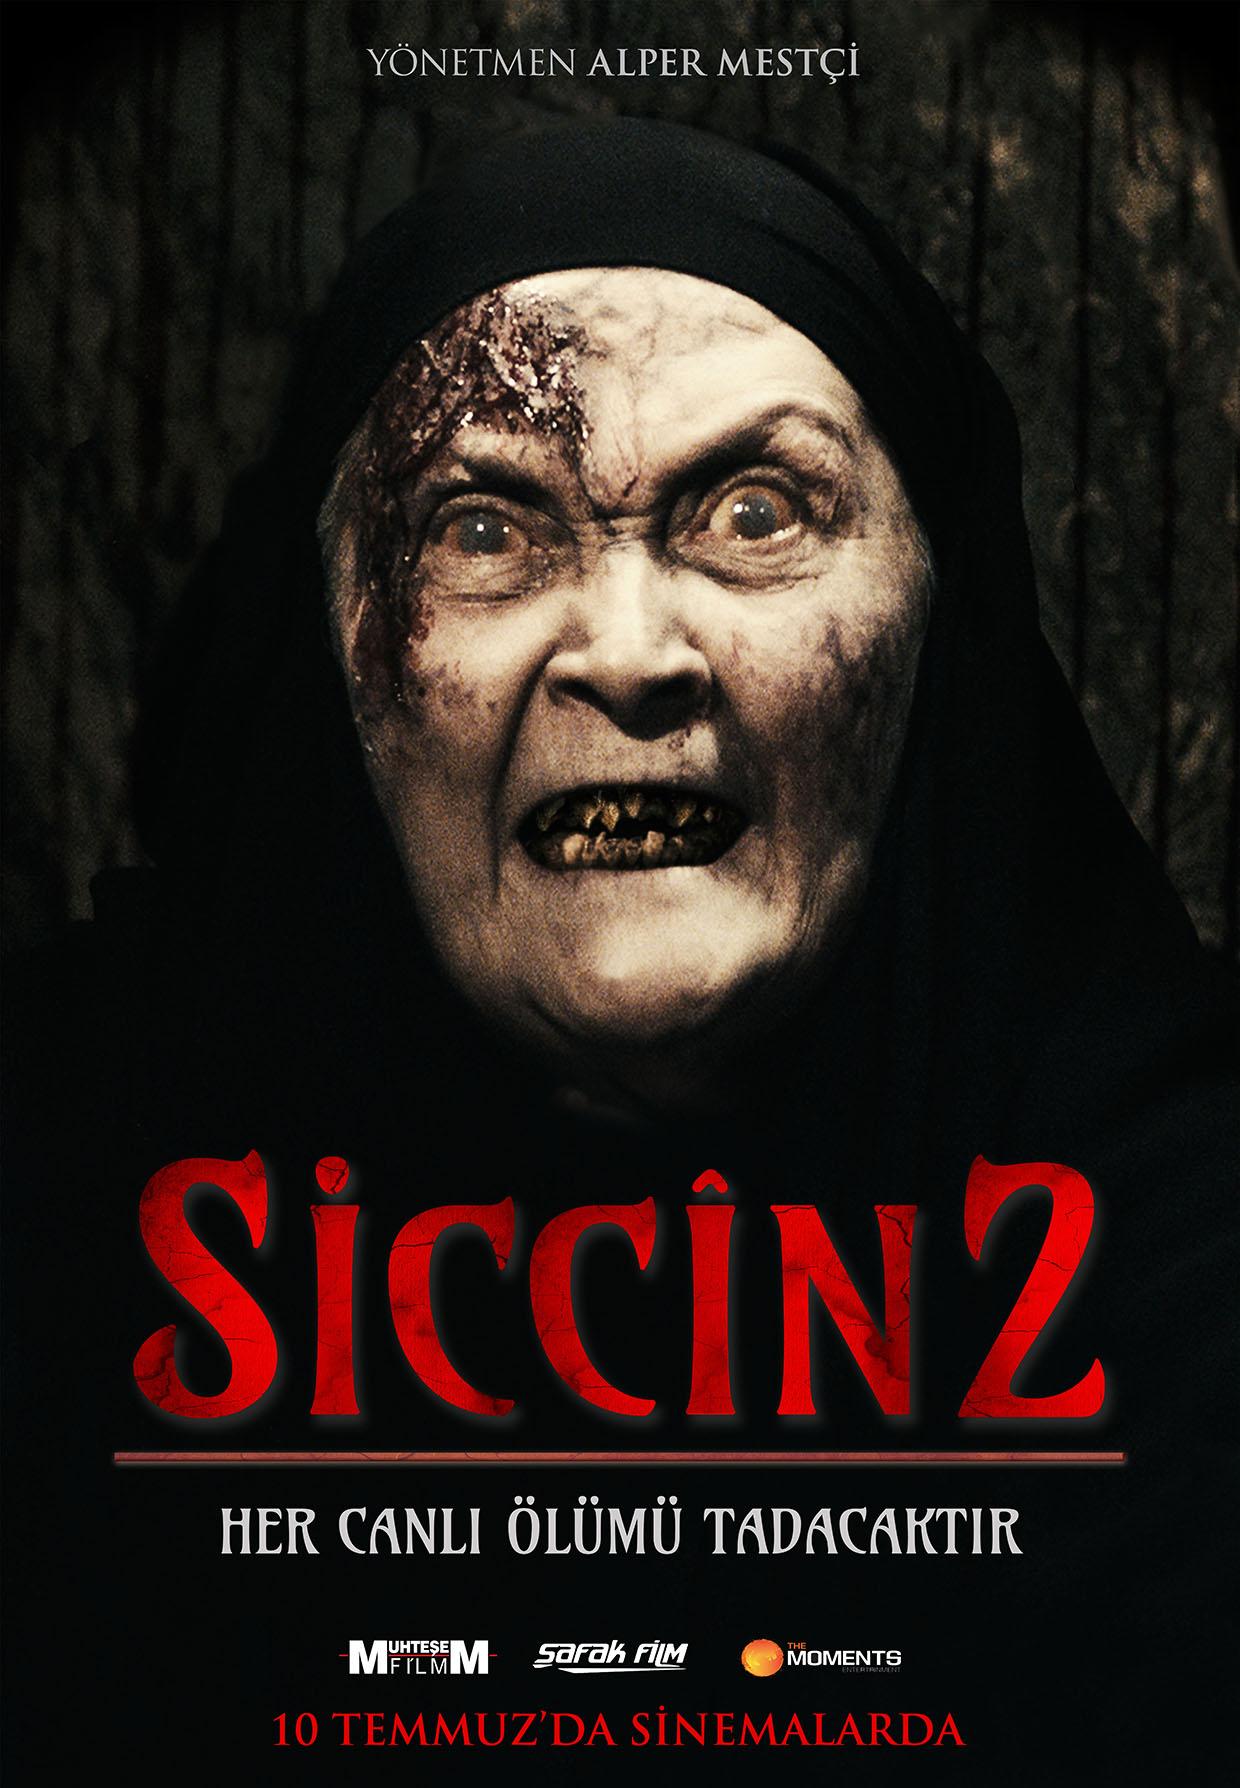 Siccin2